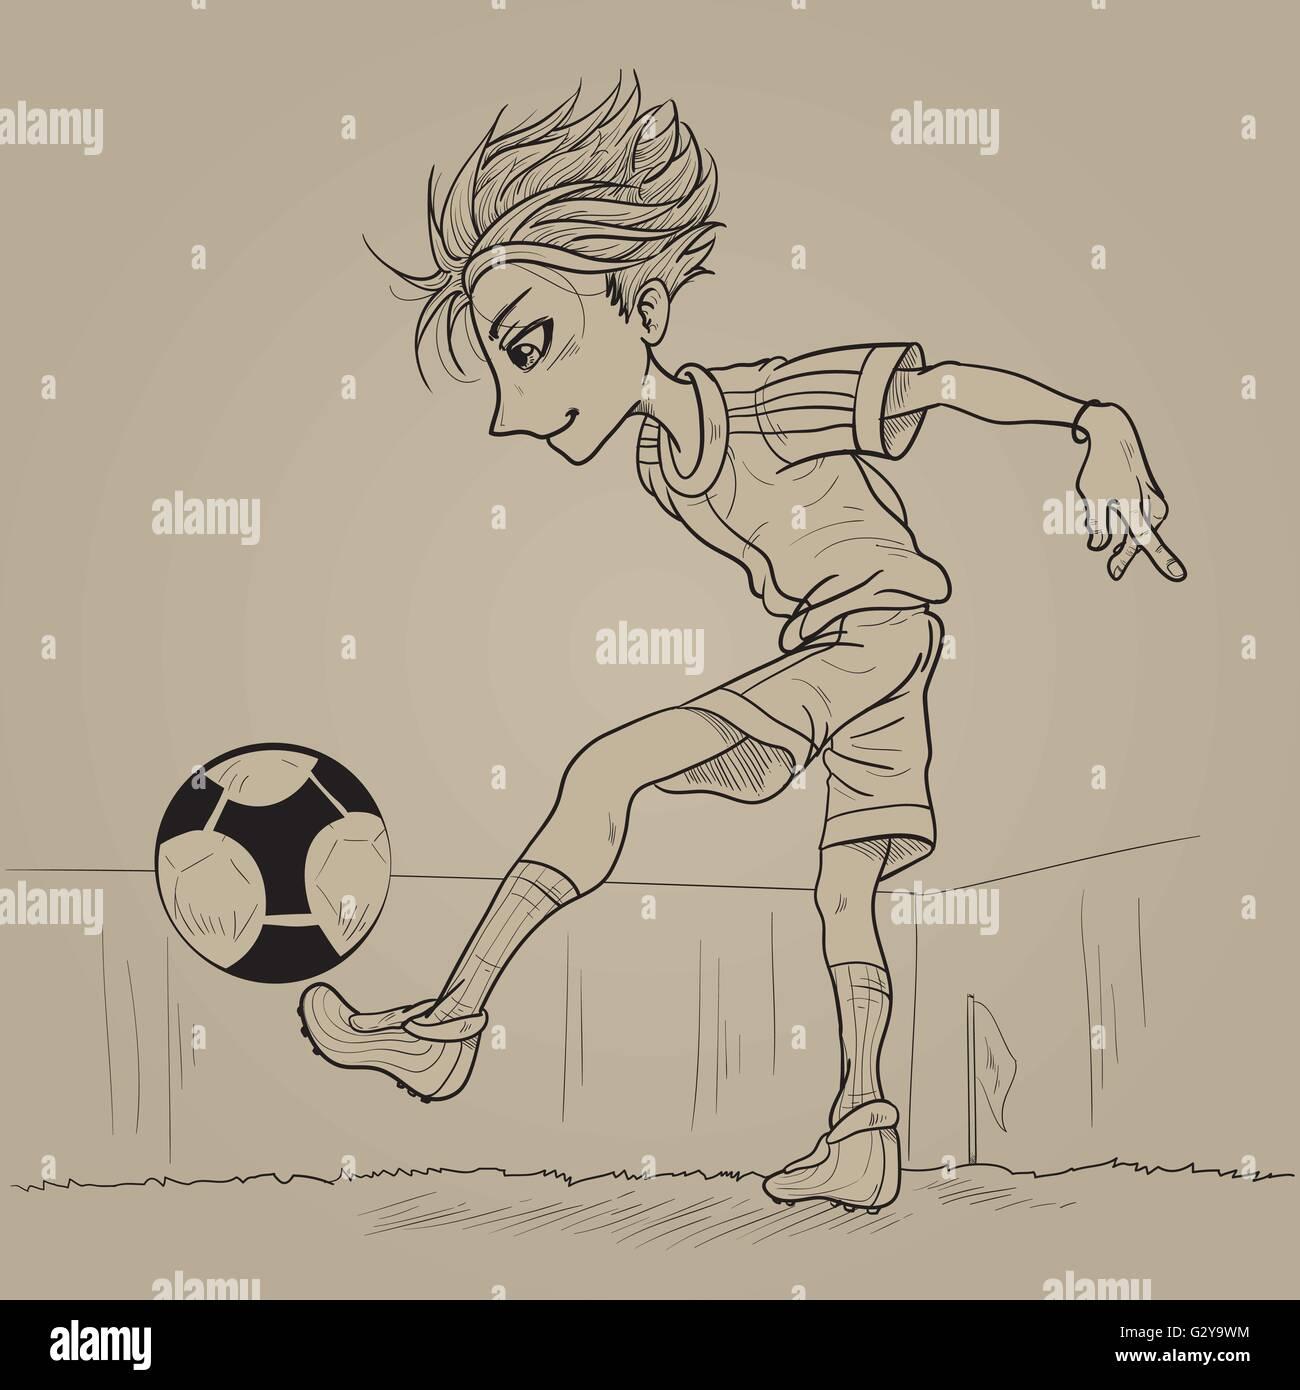 Line art football juggling - Stock Vector